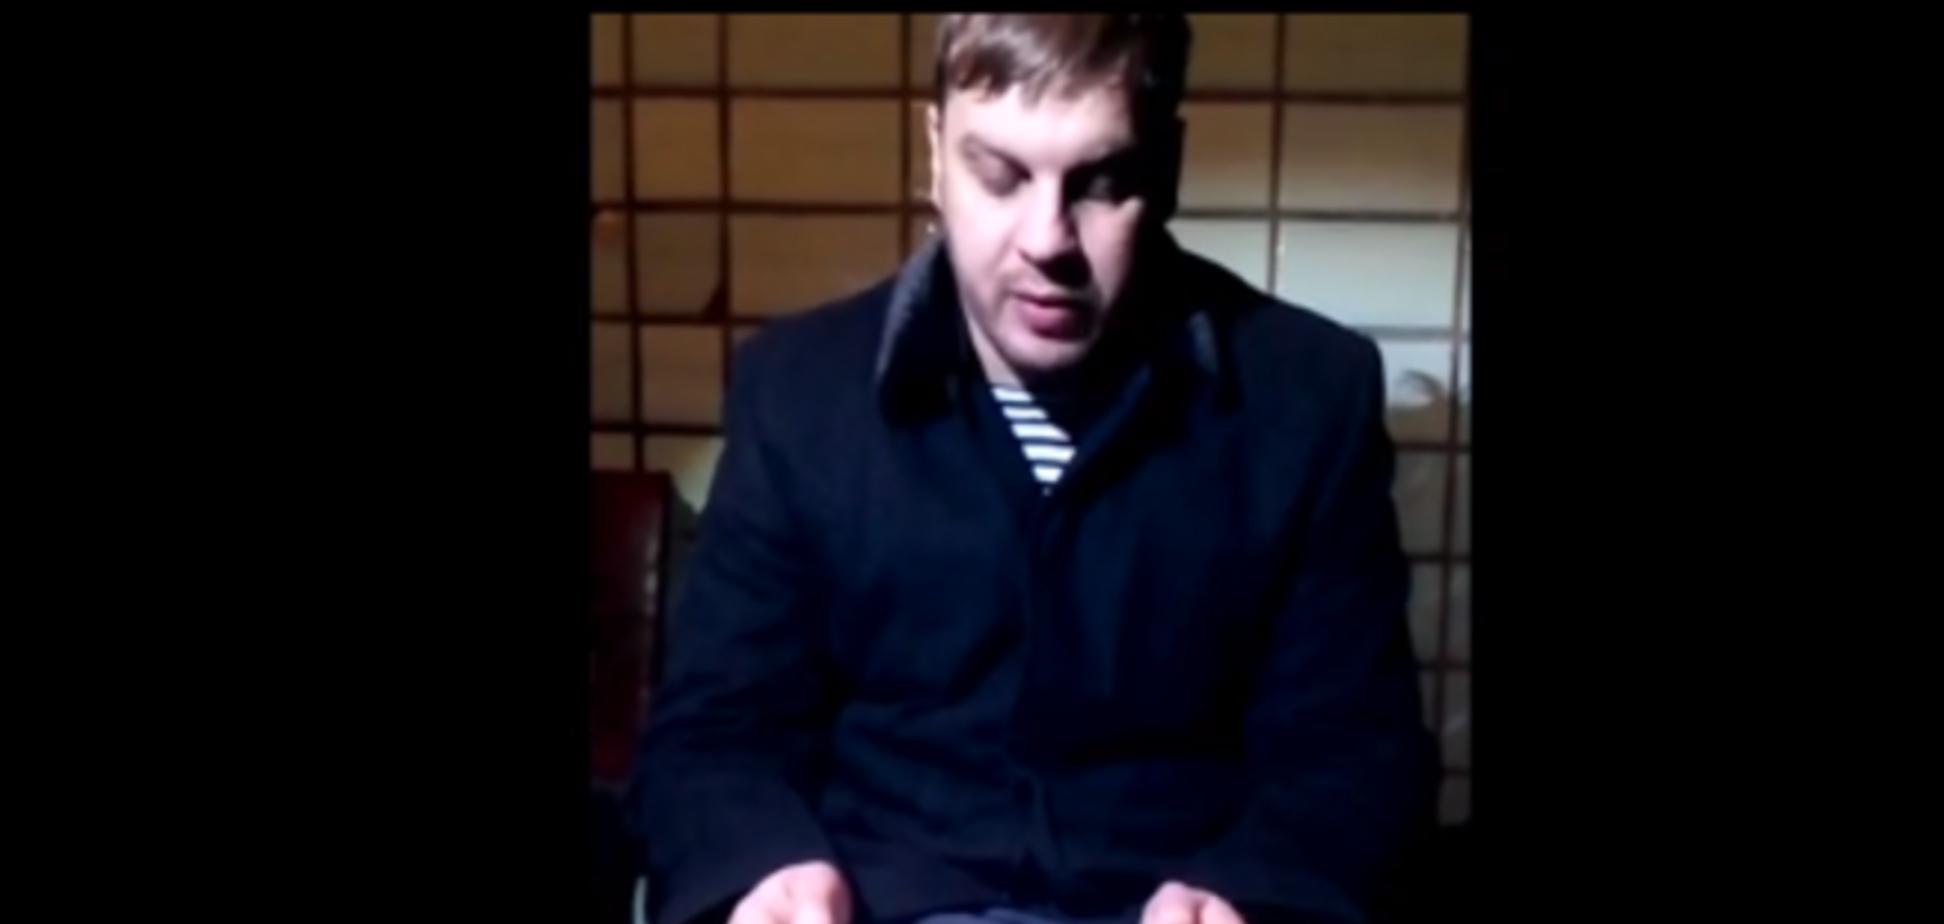 Чиновник сдал коррупционные схемы в Днепропетровском горсовете: видео признания